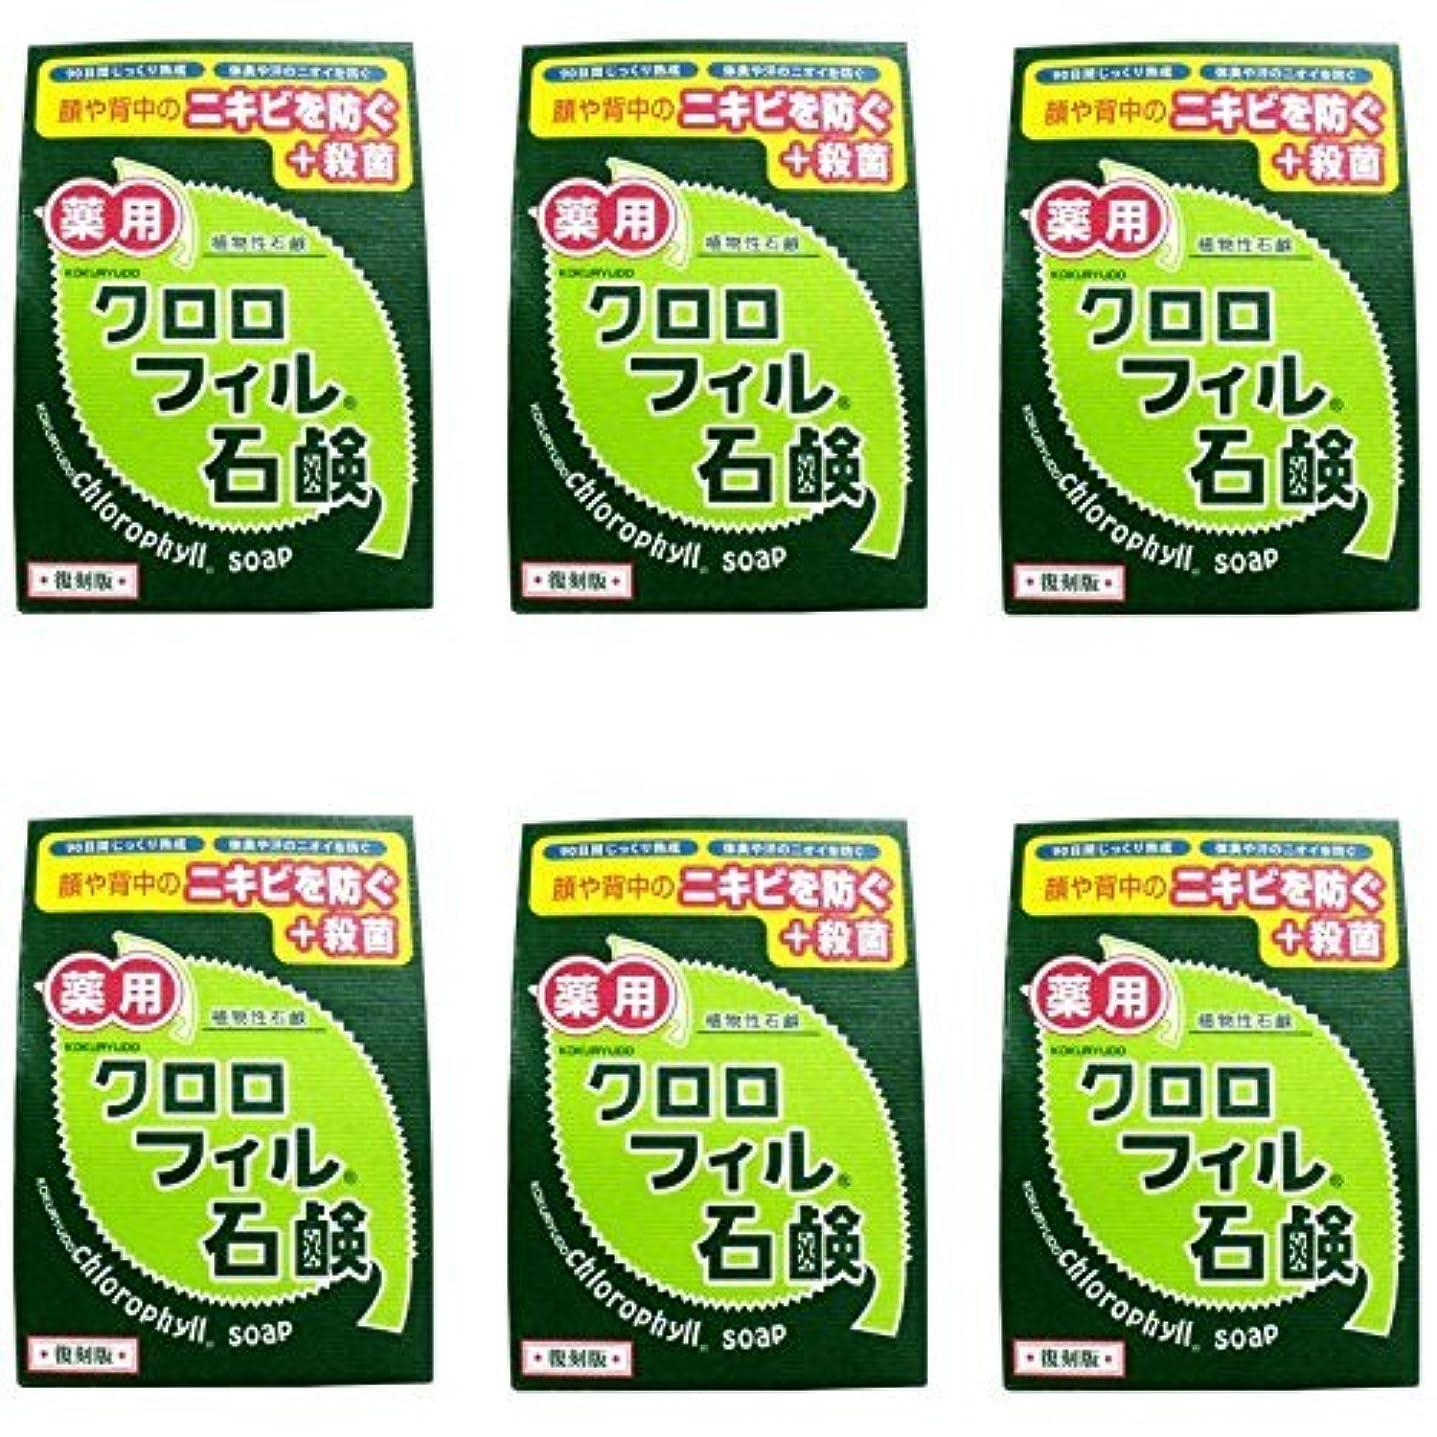 しかし発掘トレーニング【まとめ買い】クロロフィル石鹸 復刻版 85g (医薬部外品)【×6個】